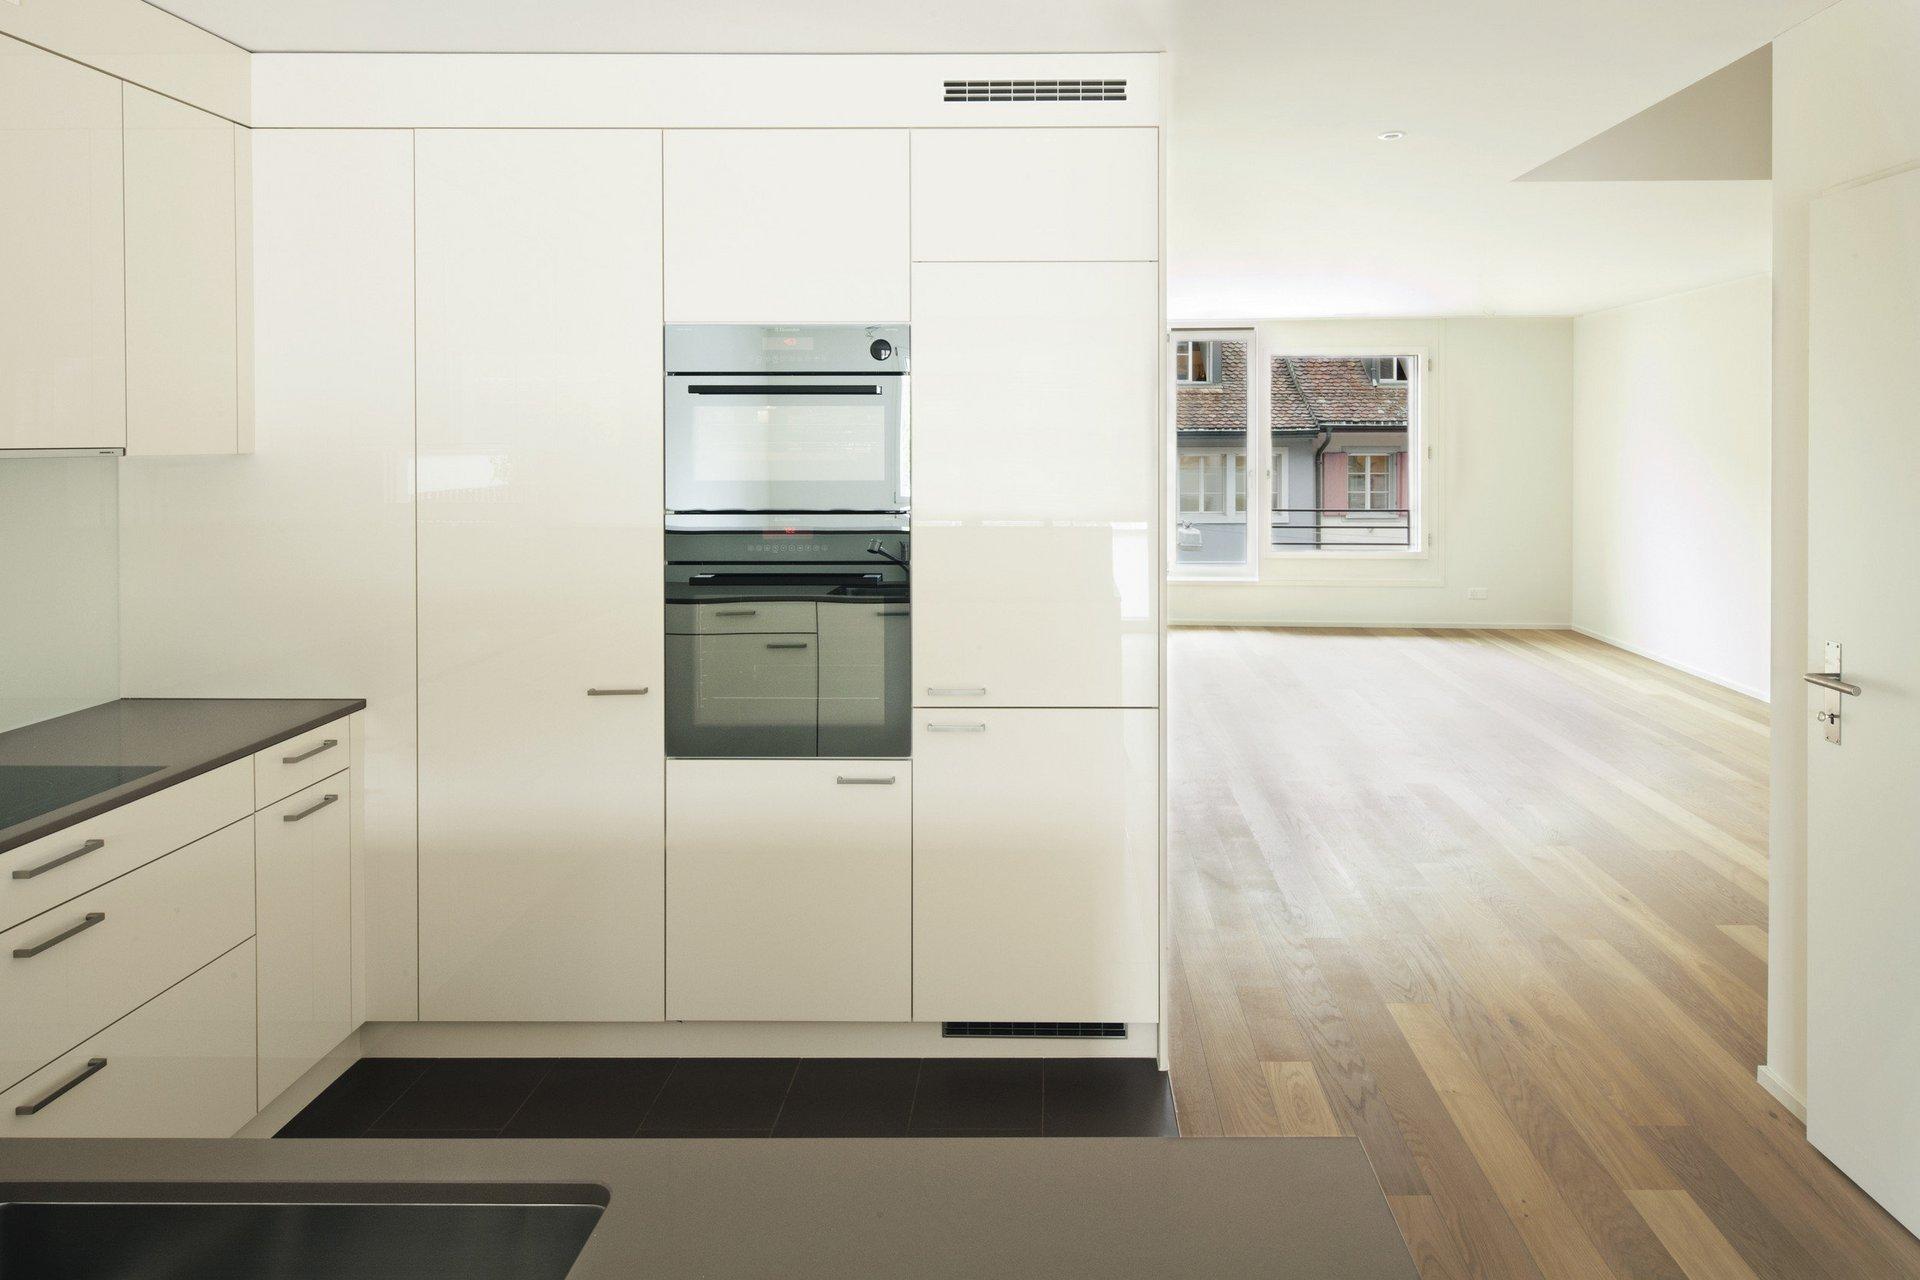 moderne Einbauküche mit Holz-Metallfensterelement